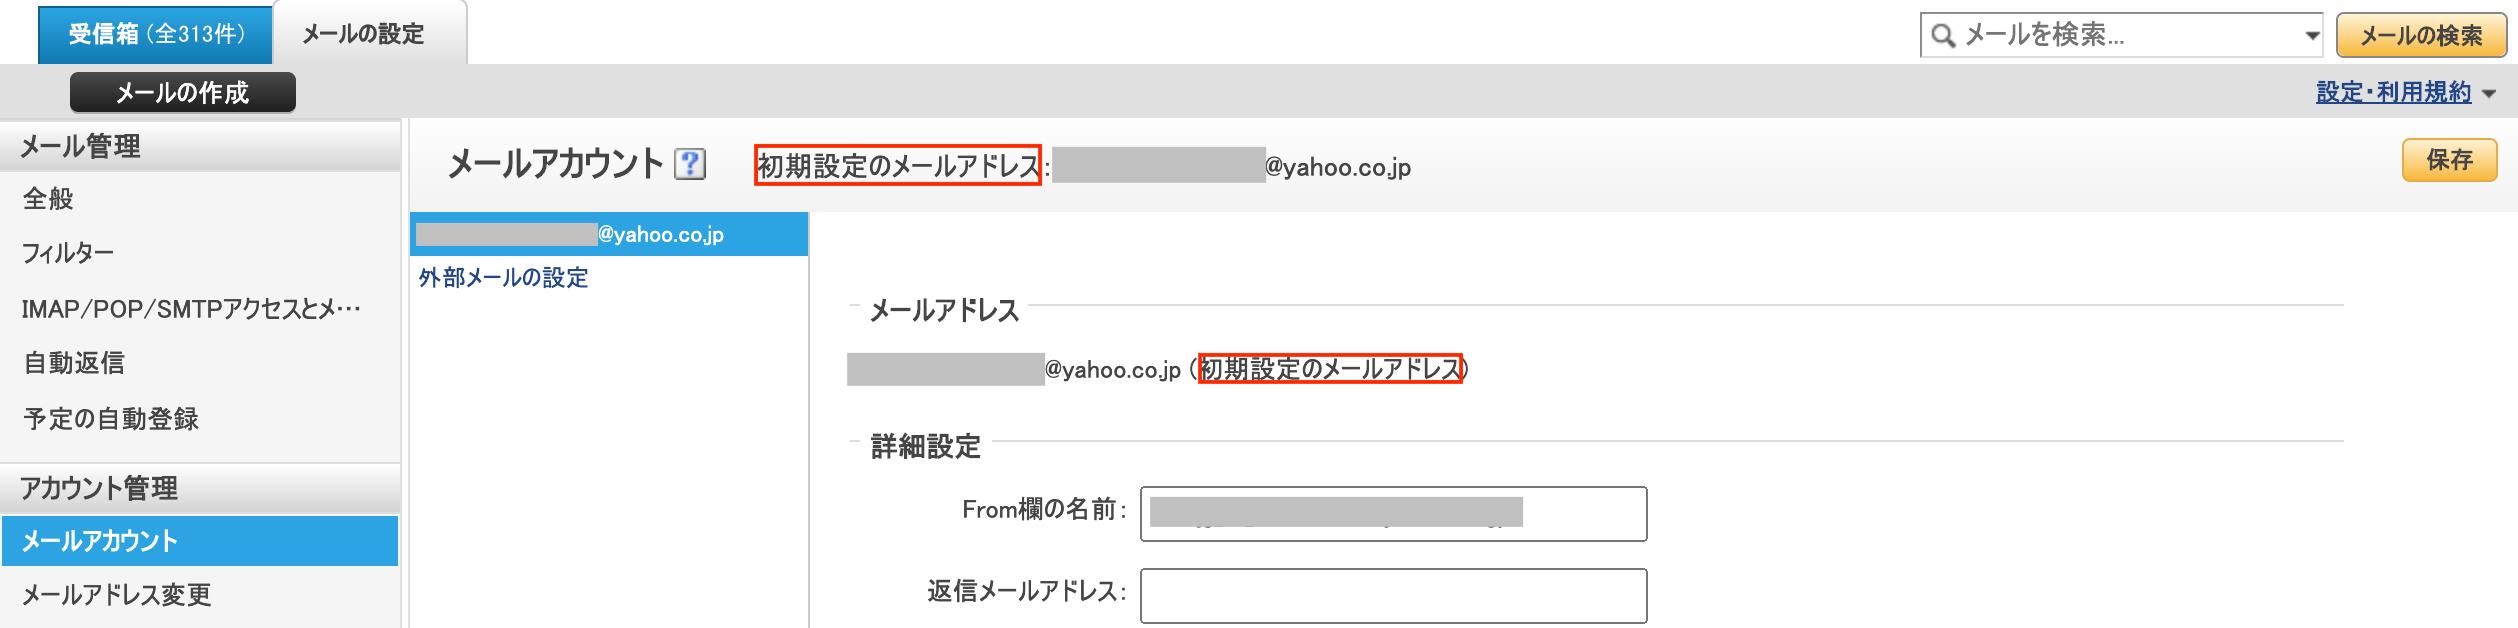 メールアカウント設定 変更前